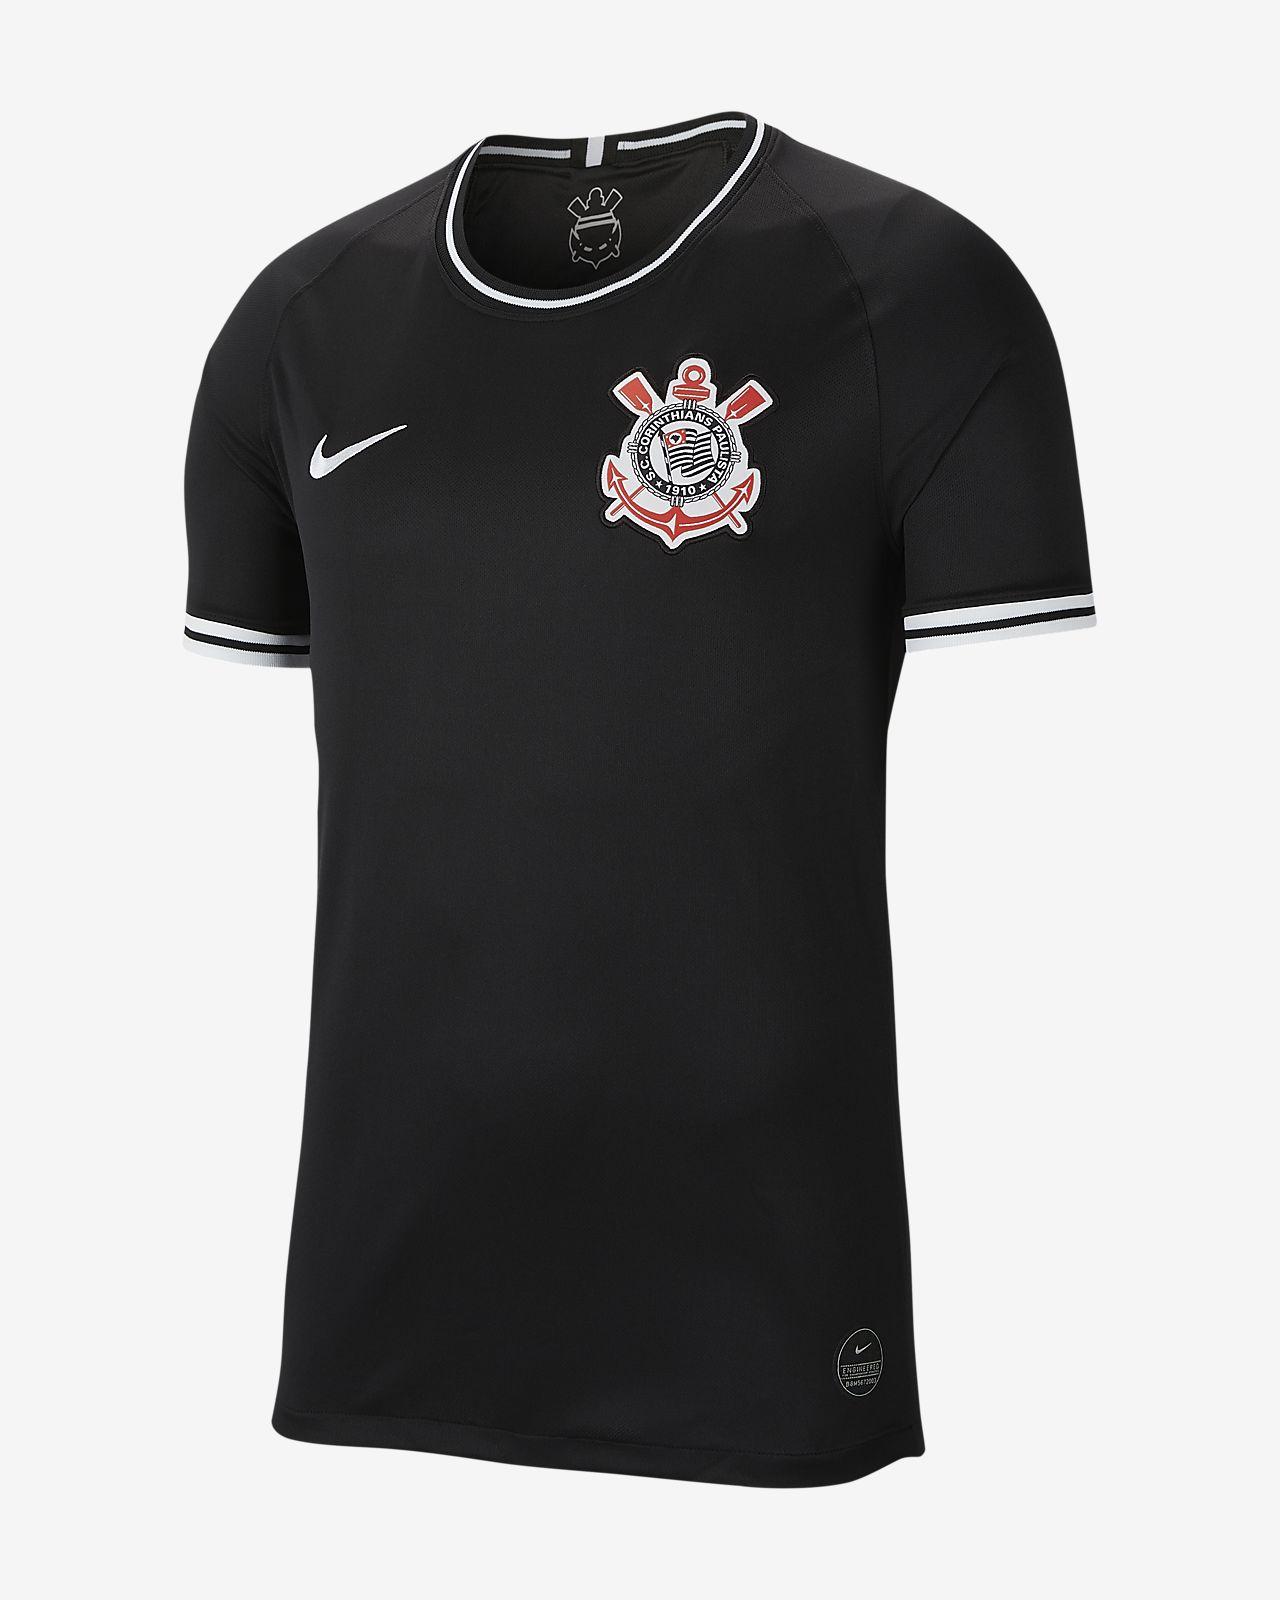 S.C. Corinthians 2019/20 Stadium Away fotballdrakt til herre